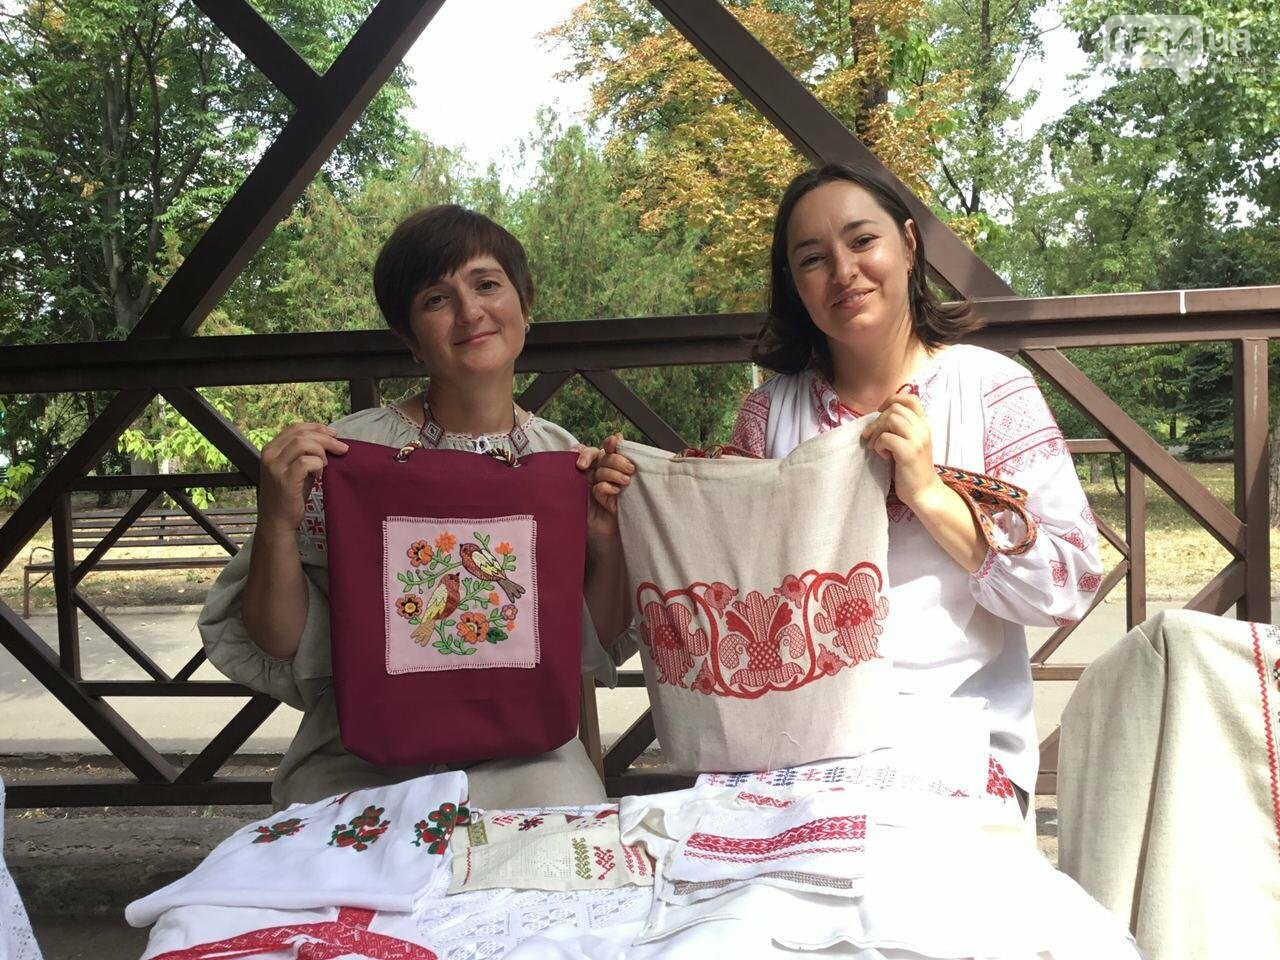 Криворожские вышивальщицы готовят сюрприз для родного города, - ФОТО, ВИДЕО, фото-9